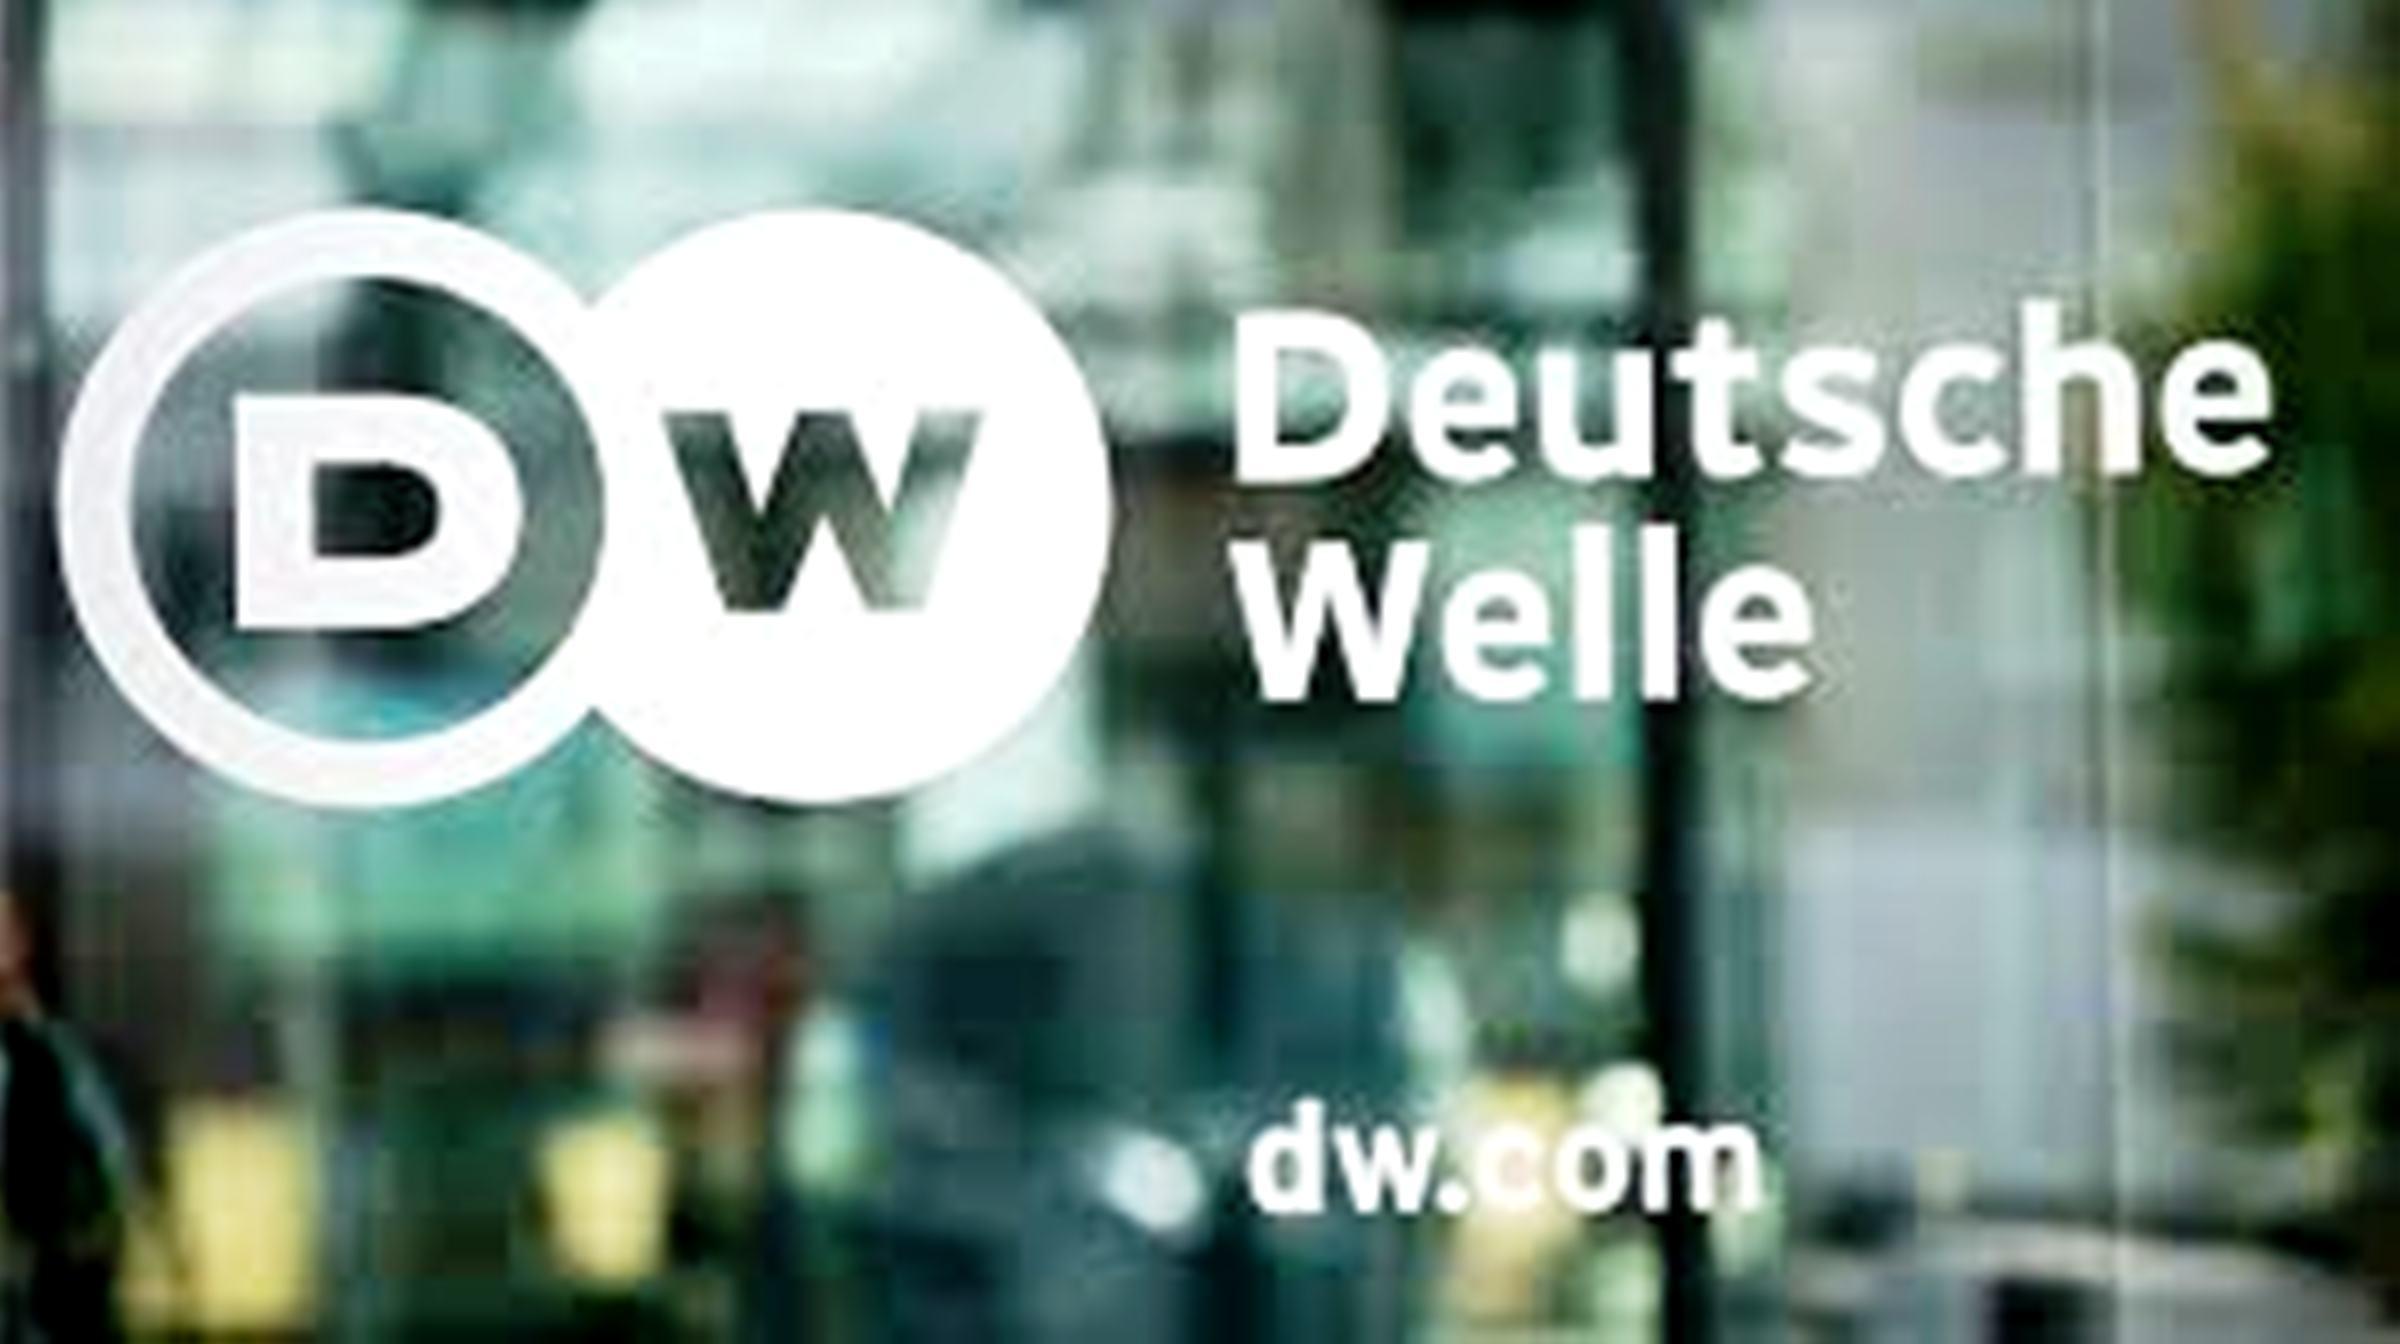 Φερέφωνο του Ερντογάν η Γερμανική Ντώϋτσε Βέλλε –Συκοφαντεί την Ελλάδα για το μεταναστευτικό